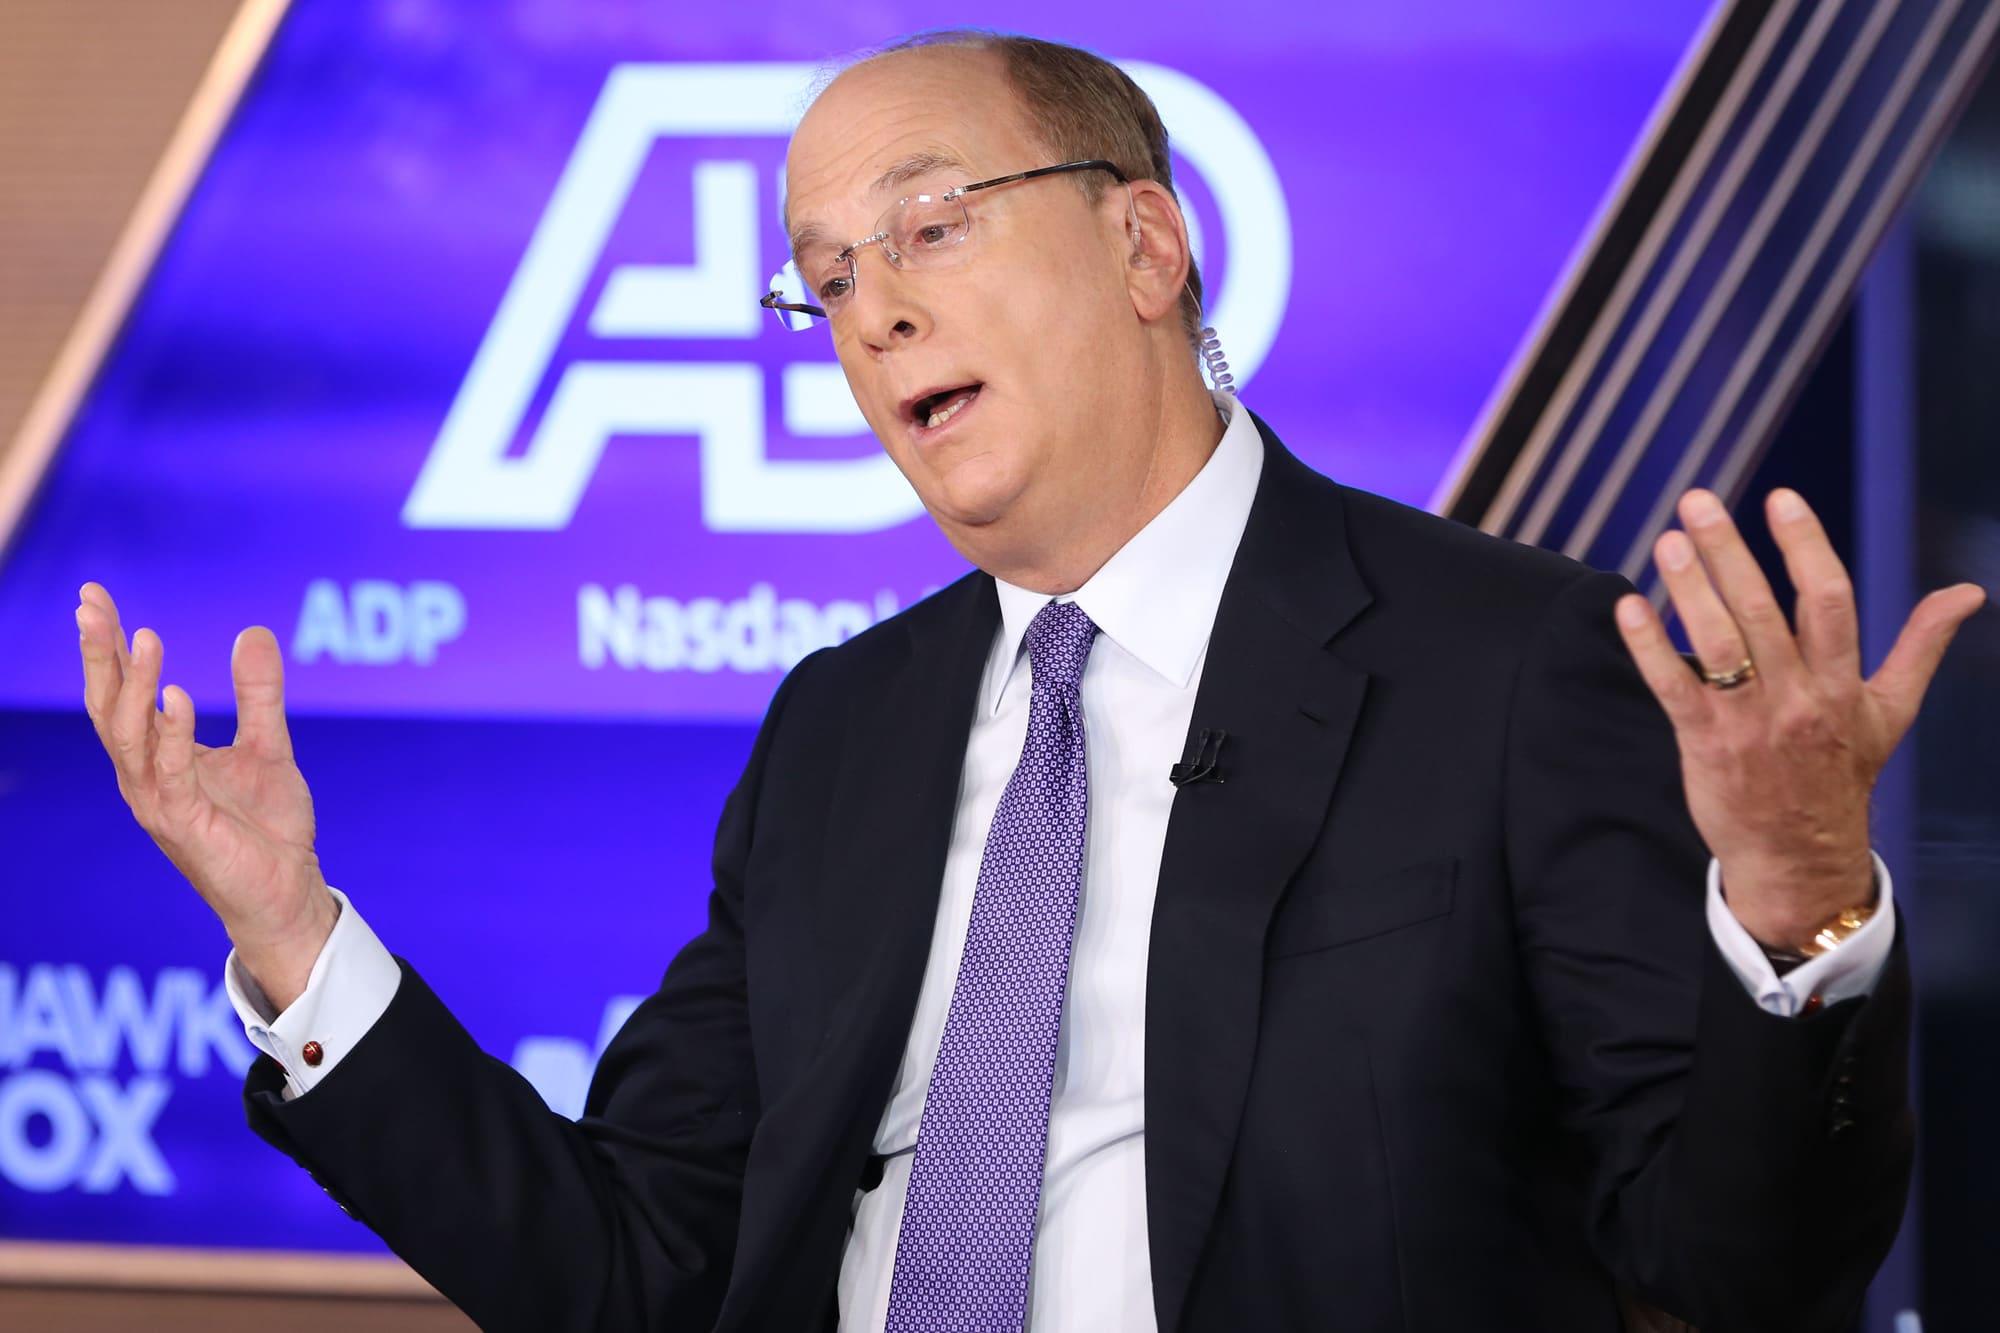 BlackRock CEO Larry Fink surpasses $1 billion in personal